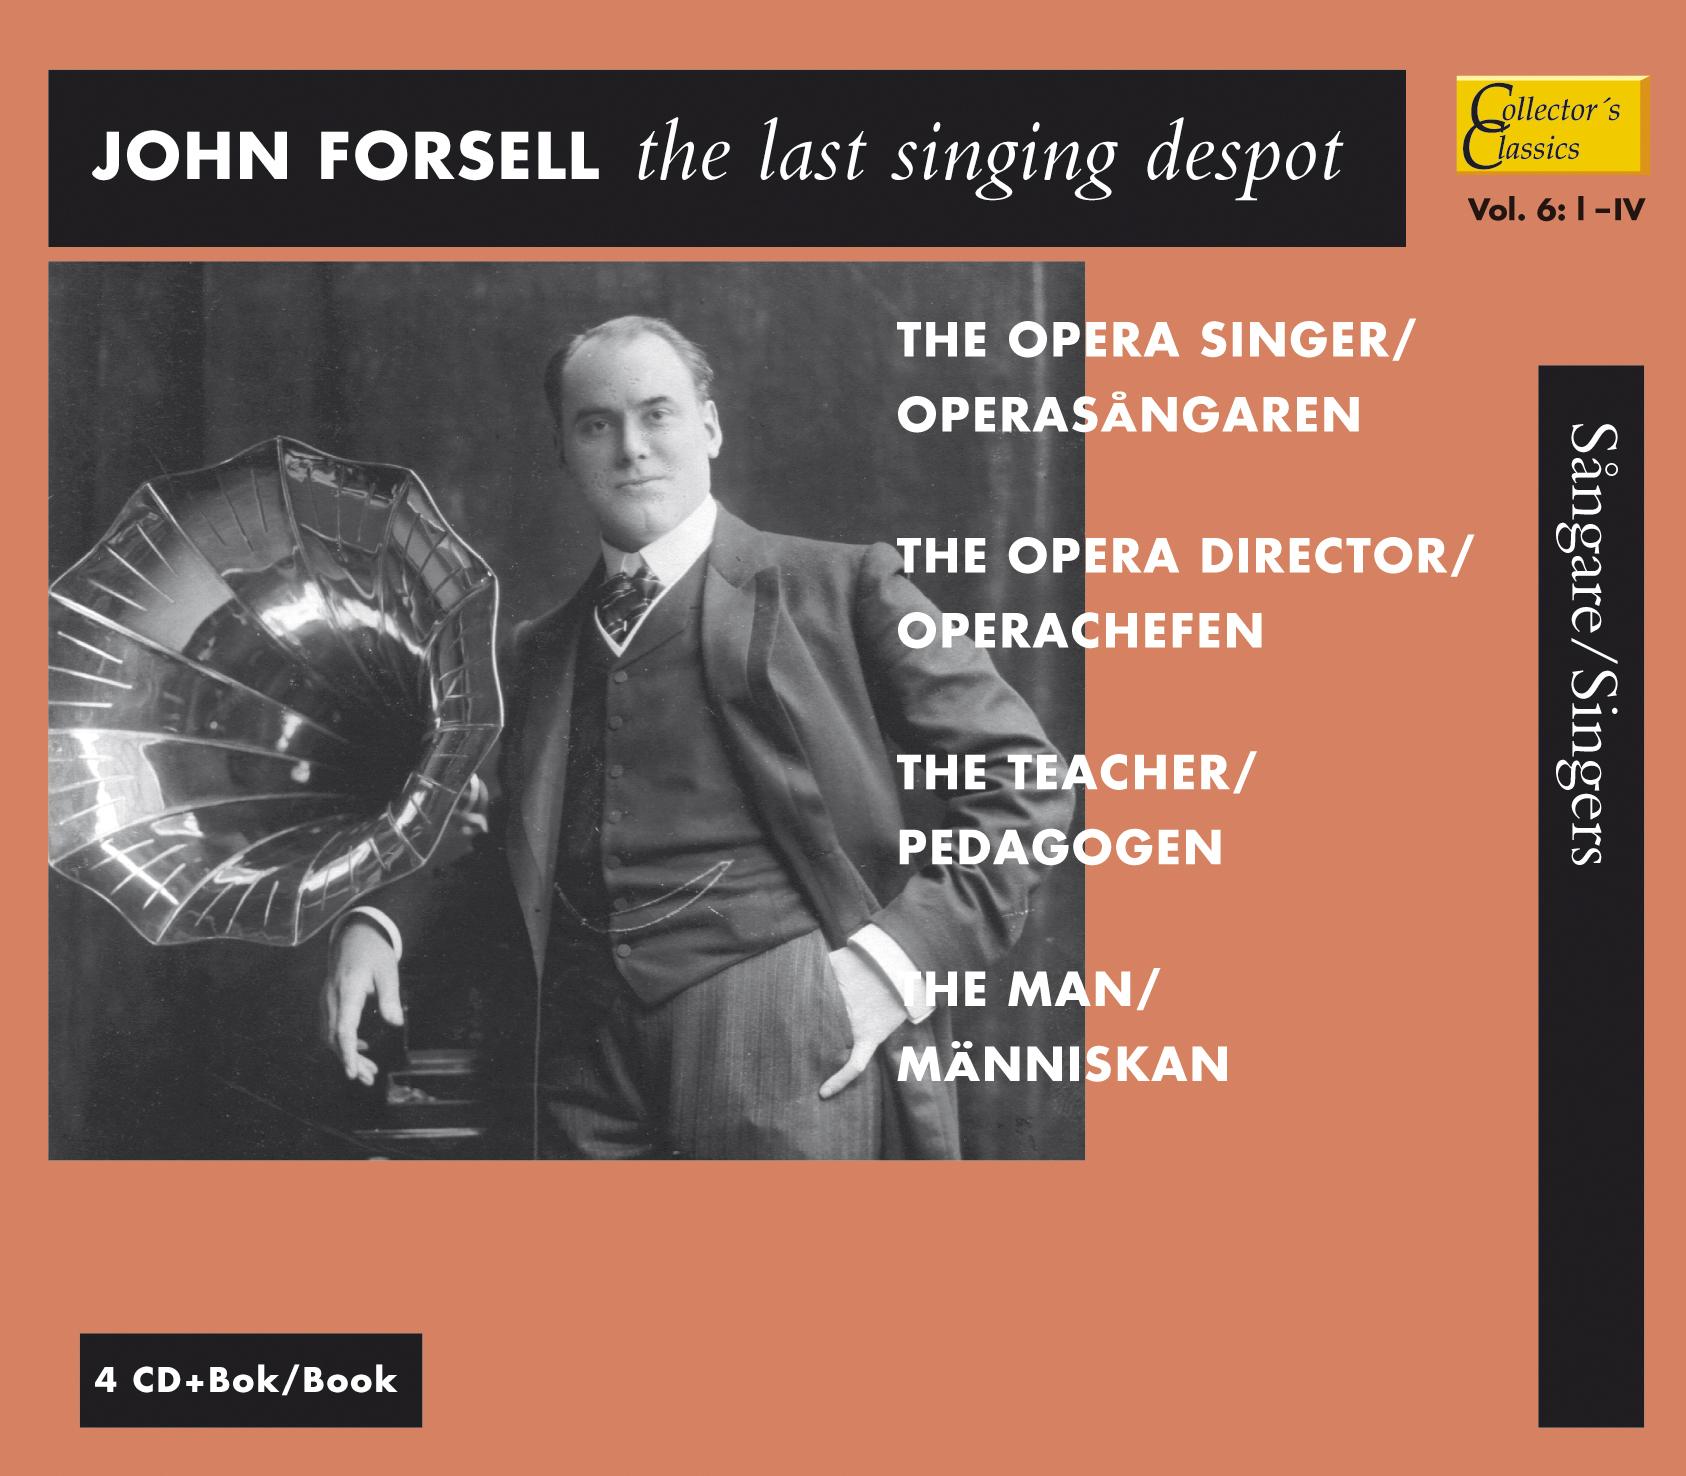 John Forsell, den siste sångarfursten vol. 6